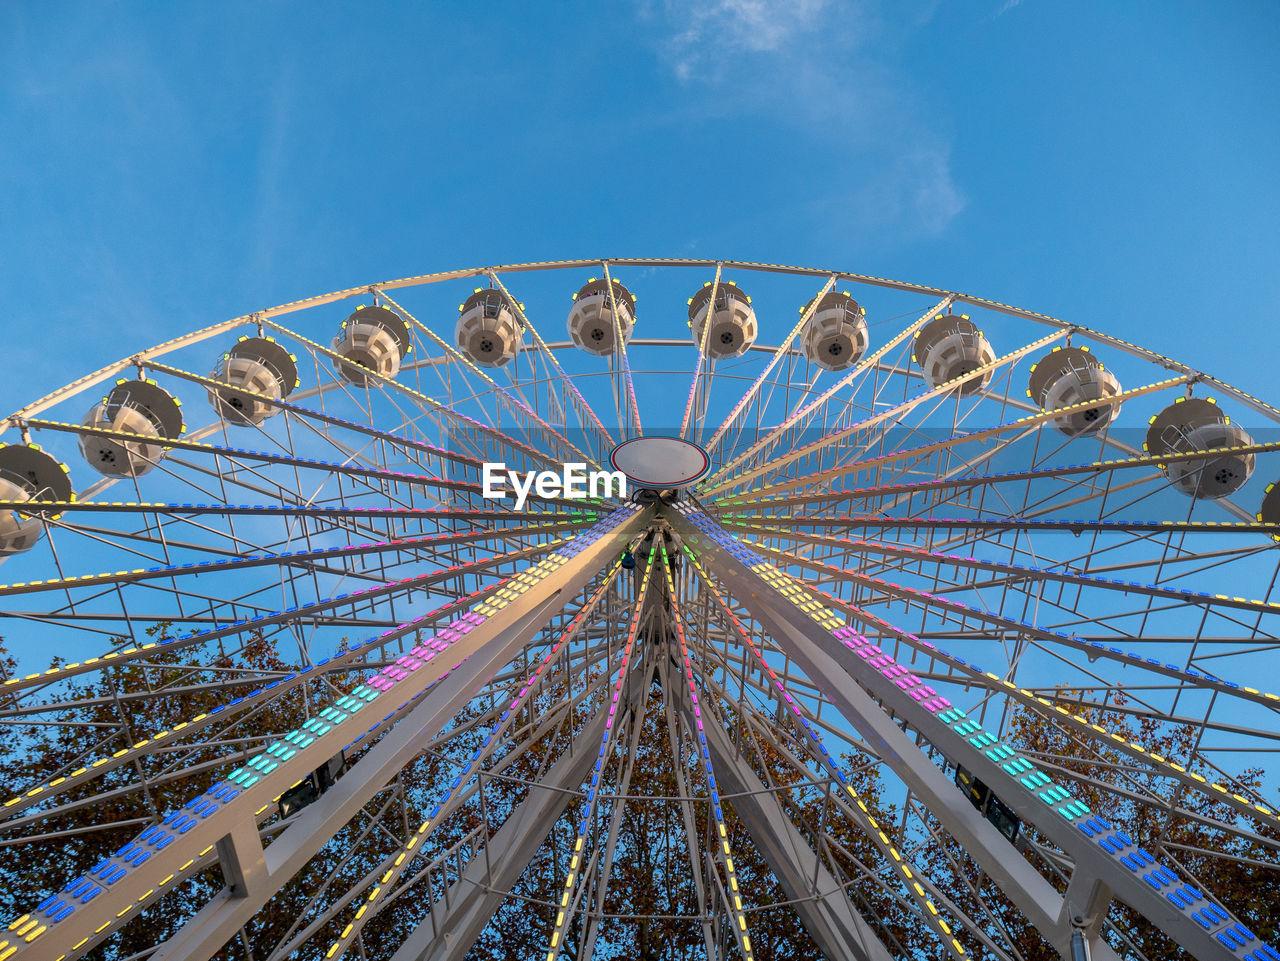 amusement park, amusement park ride, low angle view, sky, ferris wheel, arts culture and entertainment, leisure activity, blue, nature, fairground, built structure, day, metal, architecture, no people, enjoyment, outdoors, clear sky, circle, shape